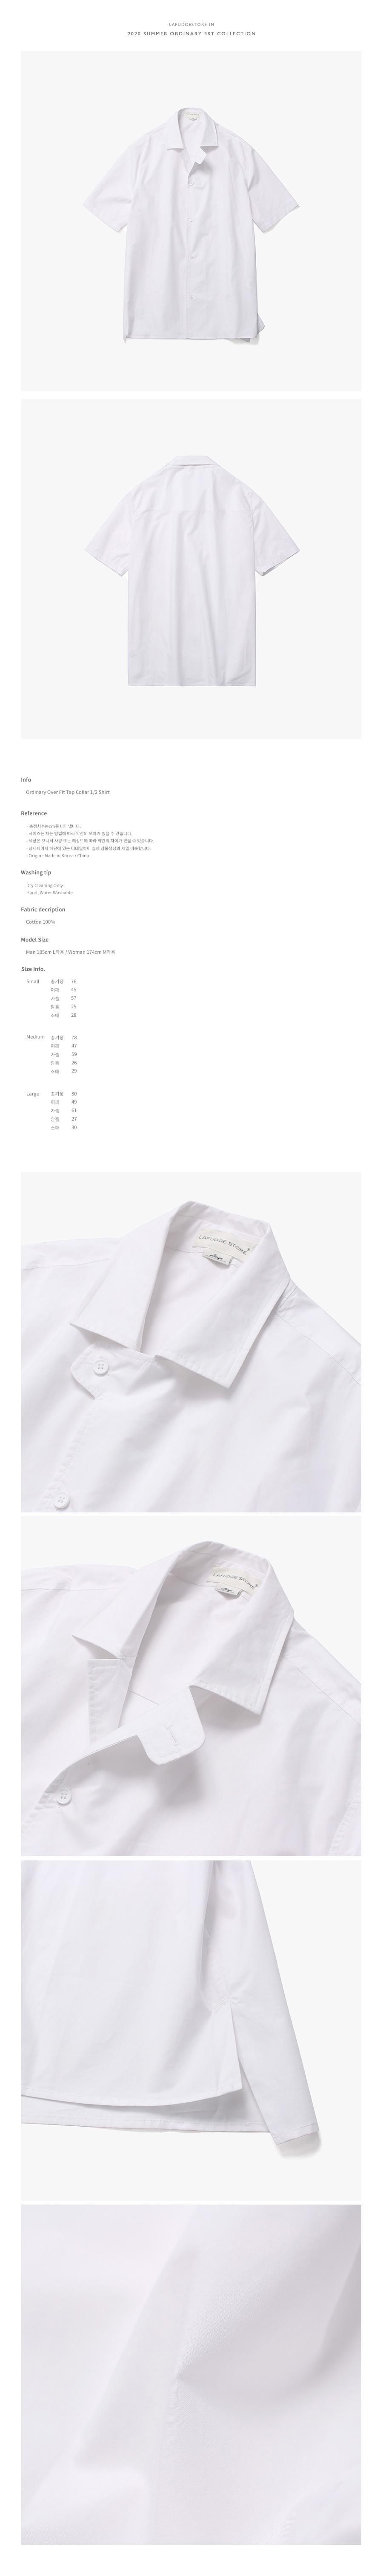 라퍼지스토어(LAFUDGESTORE) [썸머 ver.] 오디너리 오버핏 탭 칼라 반팔 셔츠_White